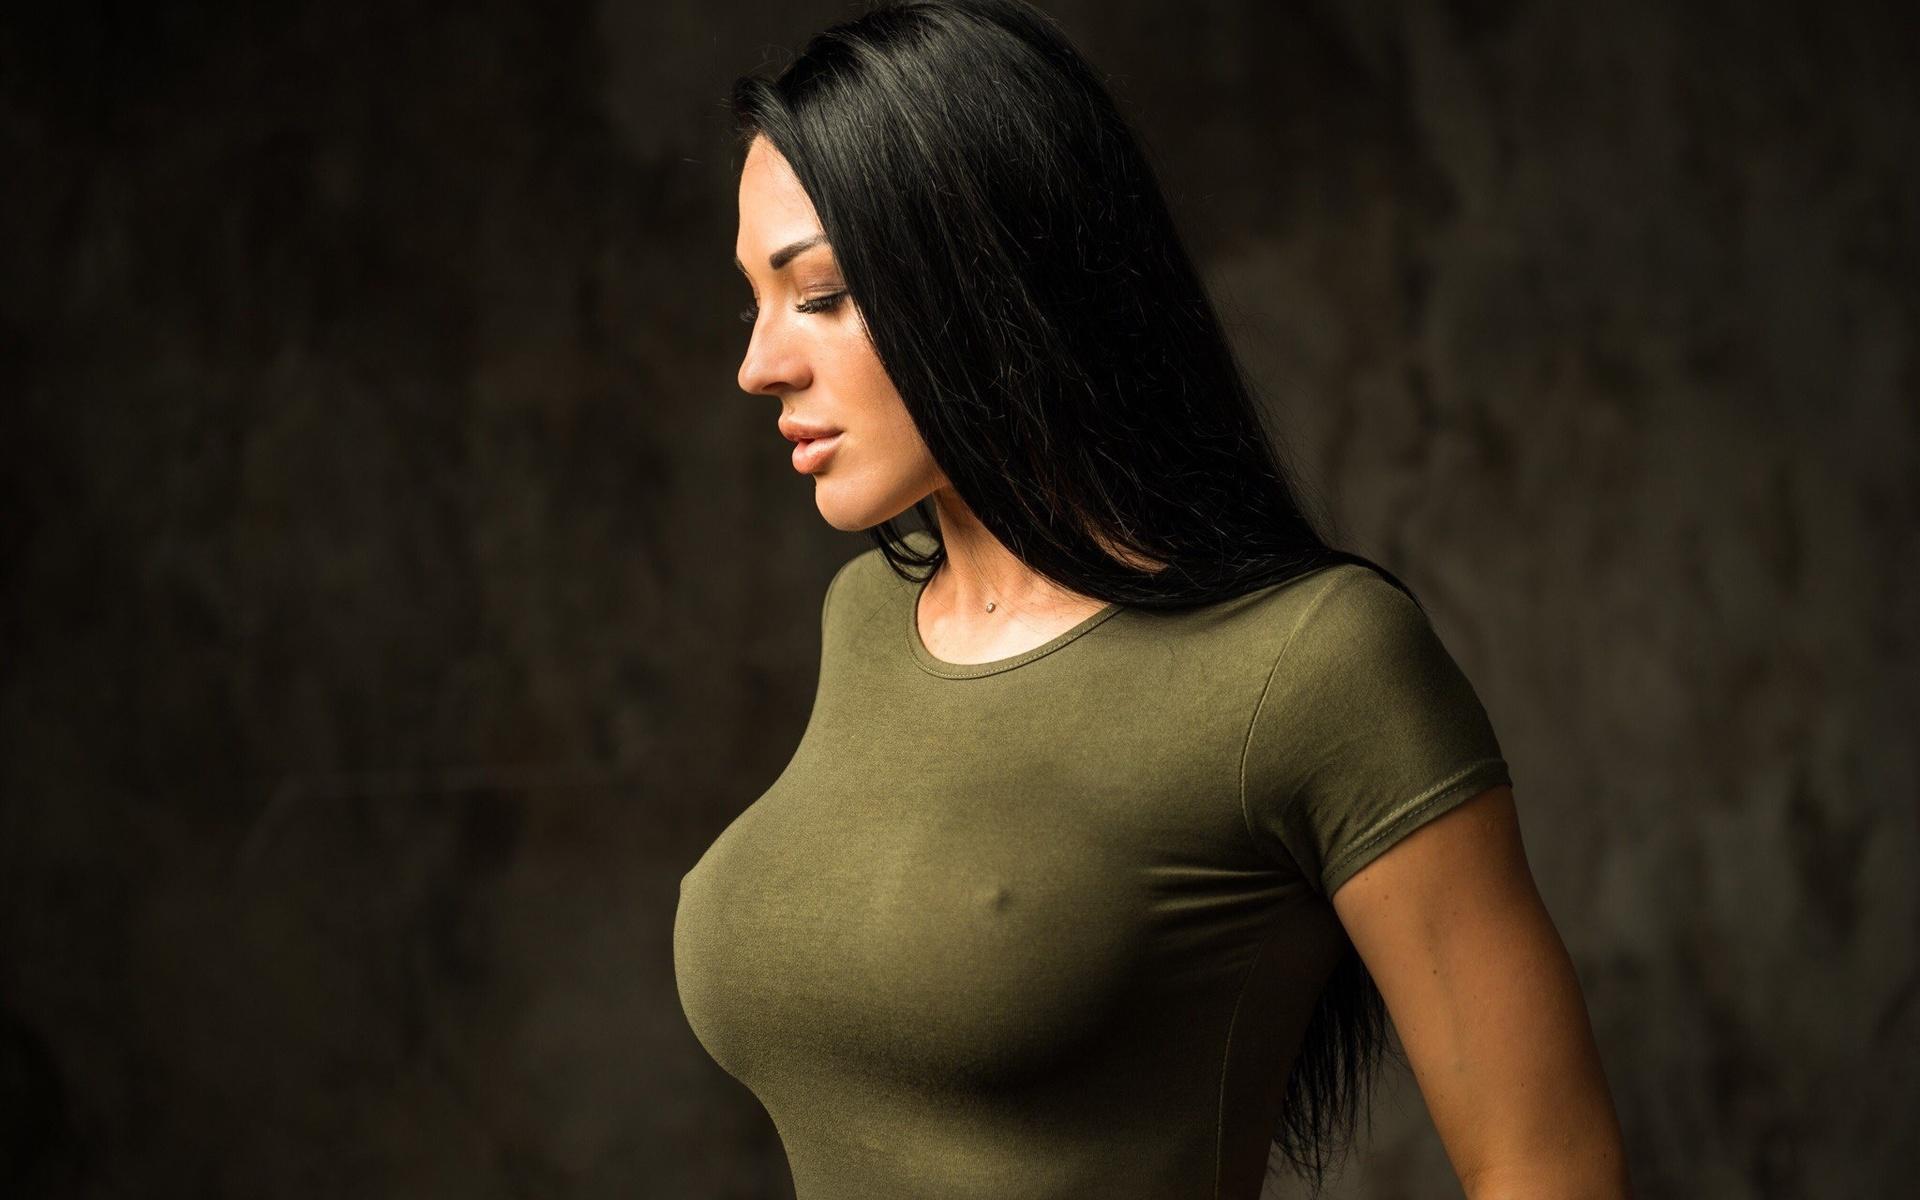 соски женщин фото